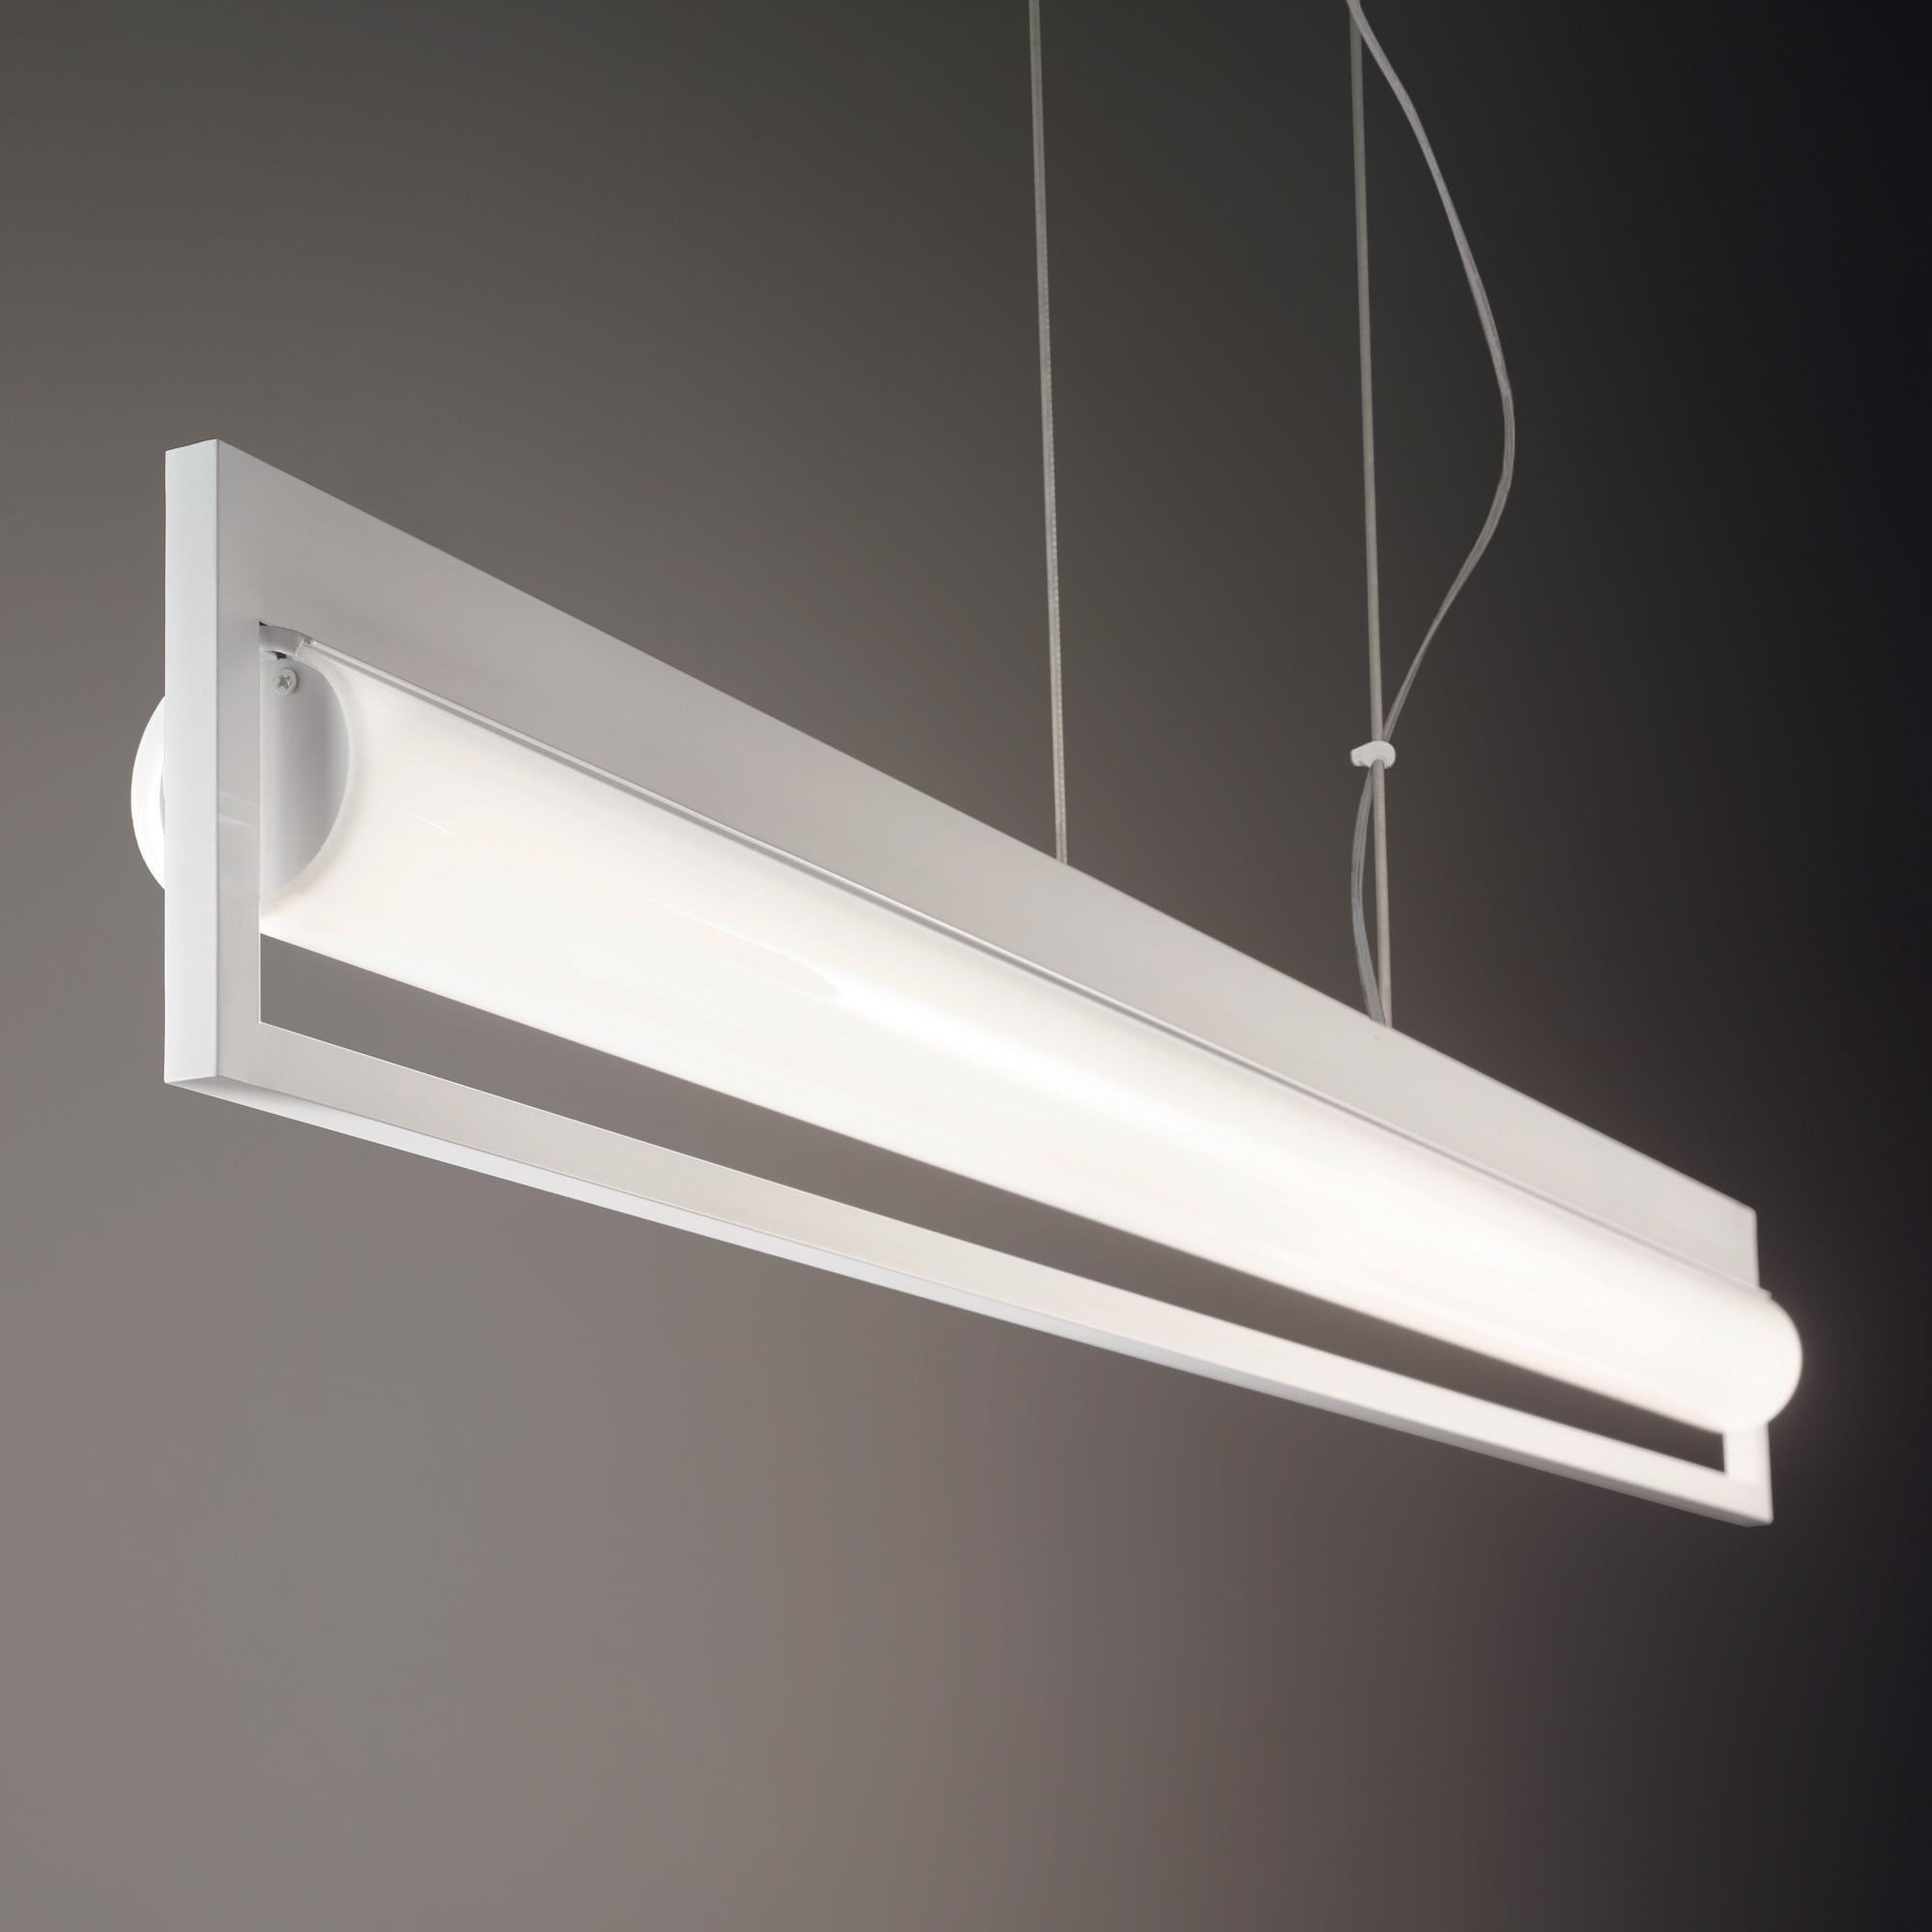 lámpara colgante Subway blanco